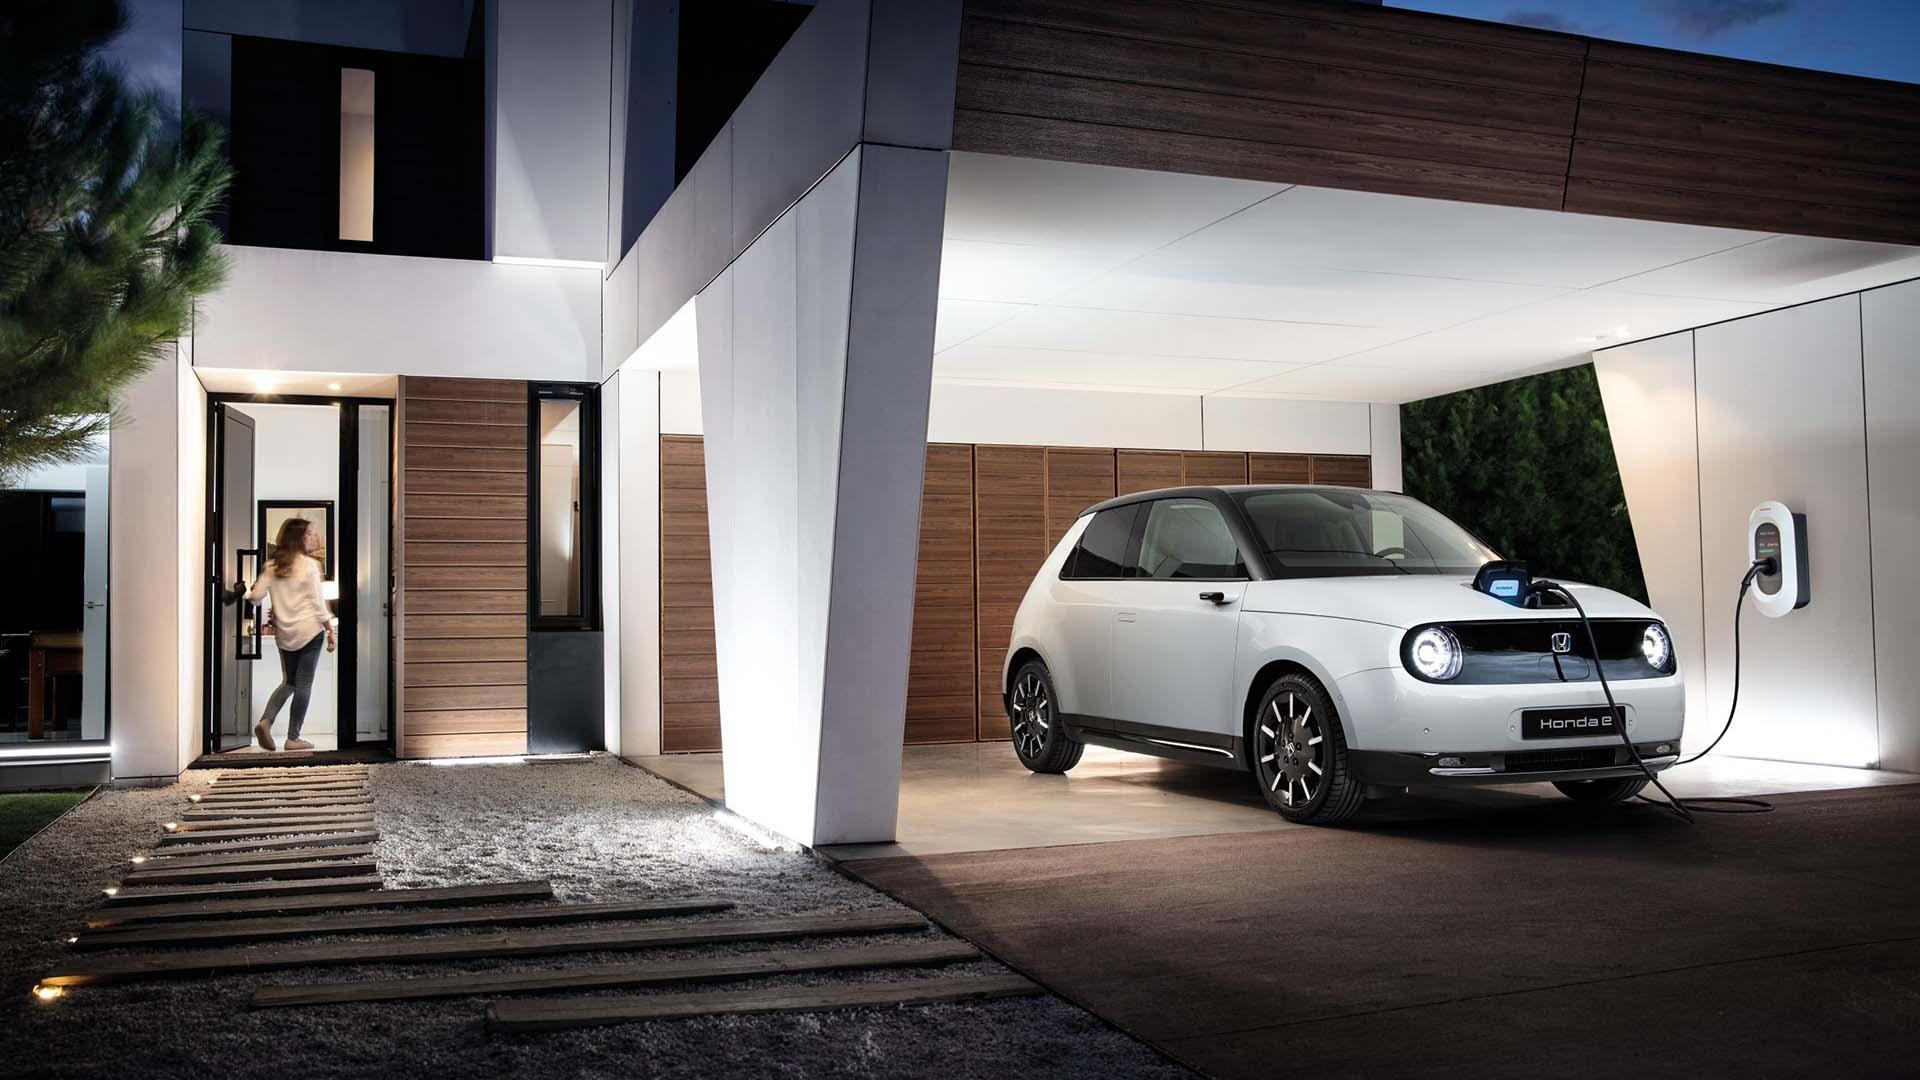 Honda e charging at home